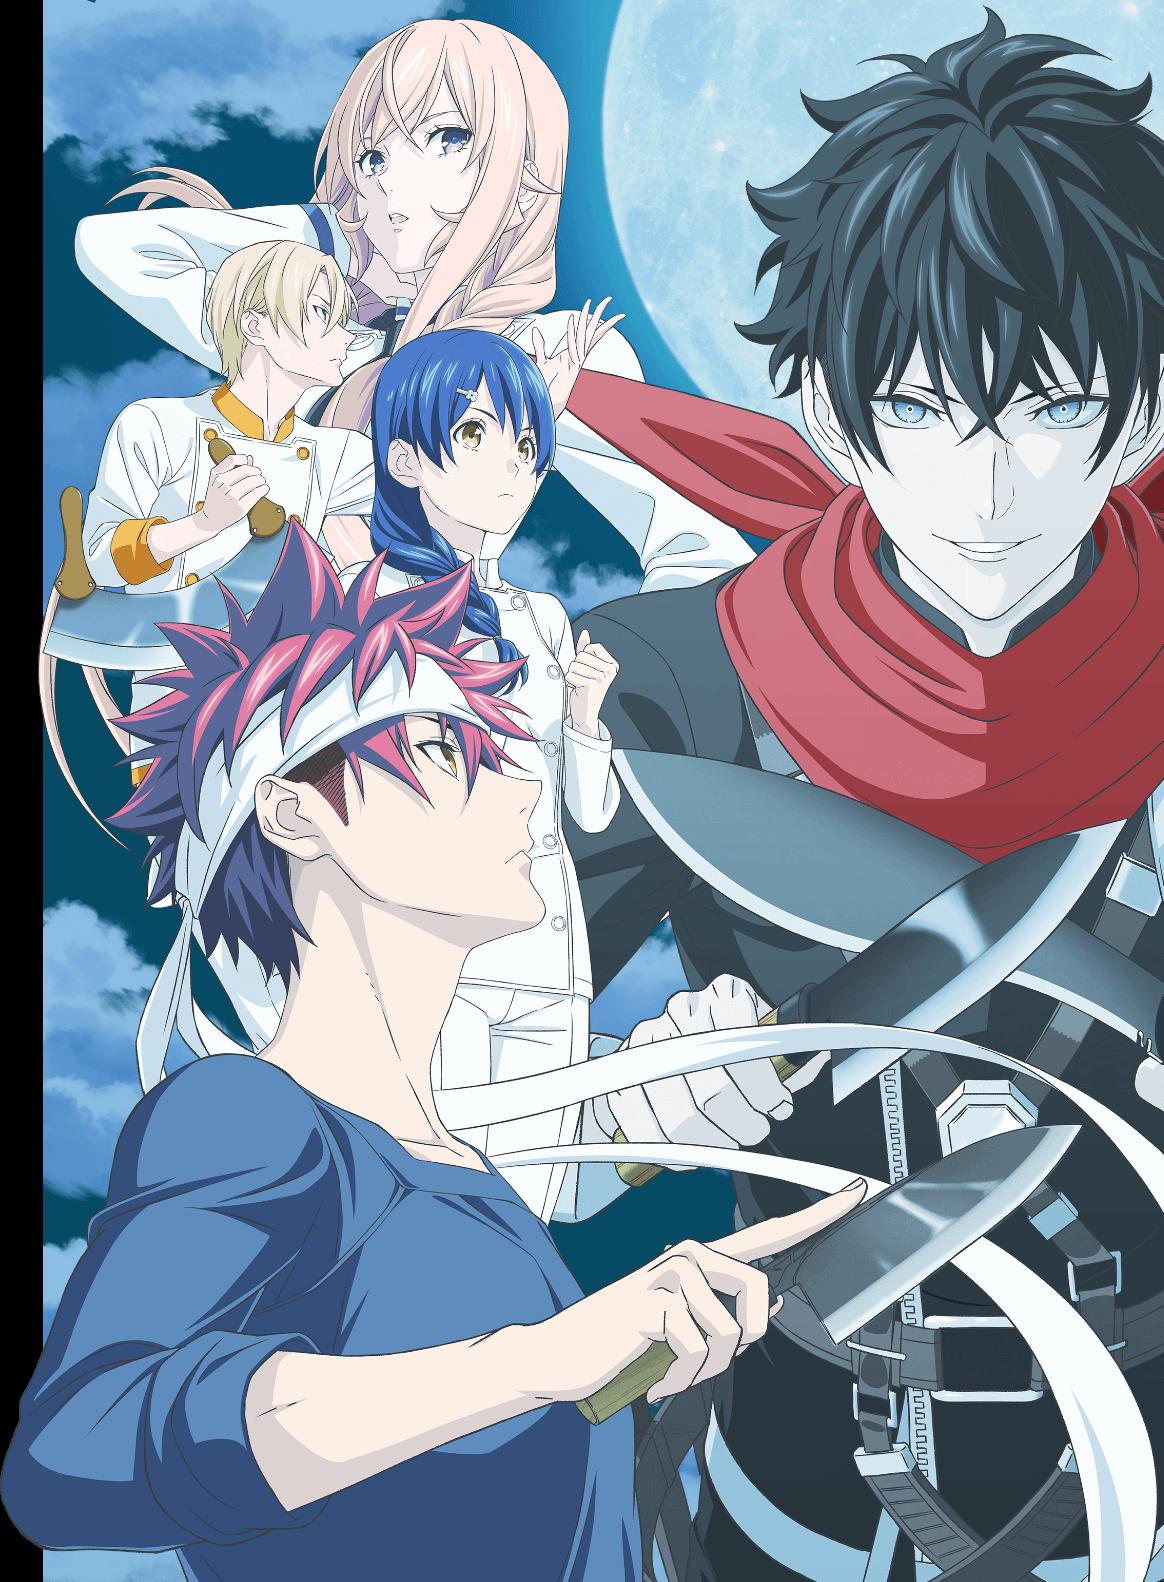 TVアニメ「食戟のソーマ 豪ノ皿」放送再開日決定!7月より第1話から放送